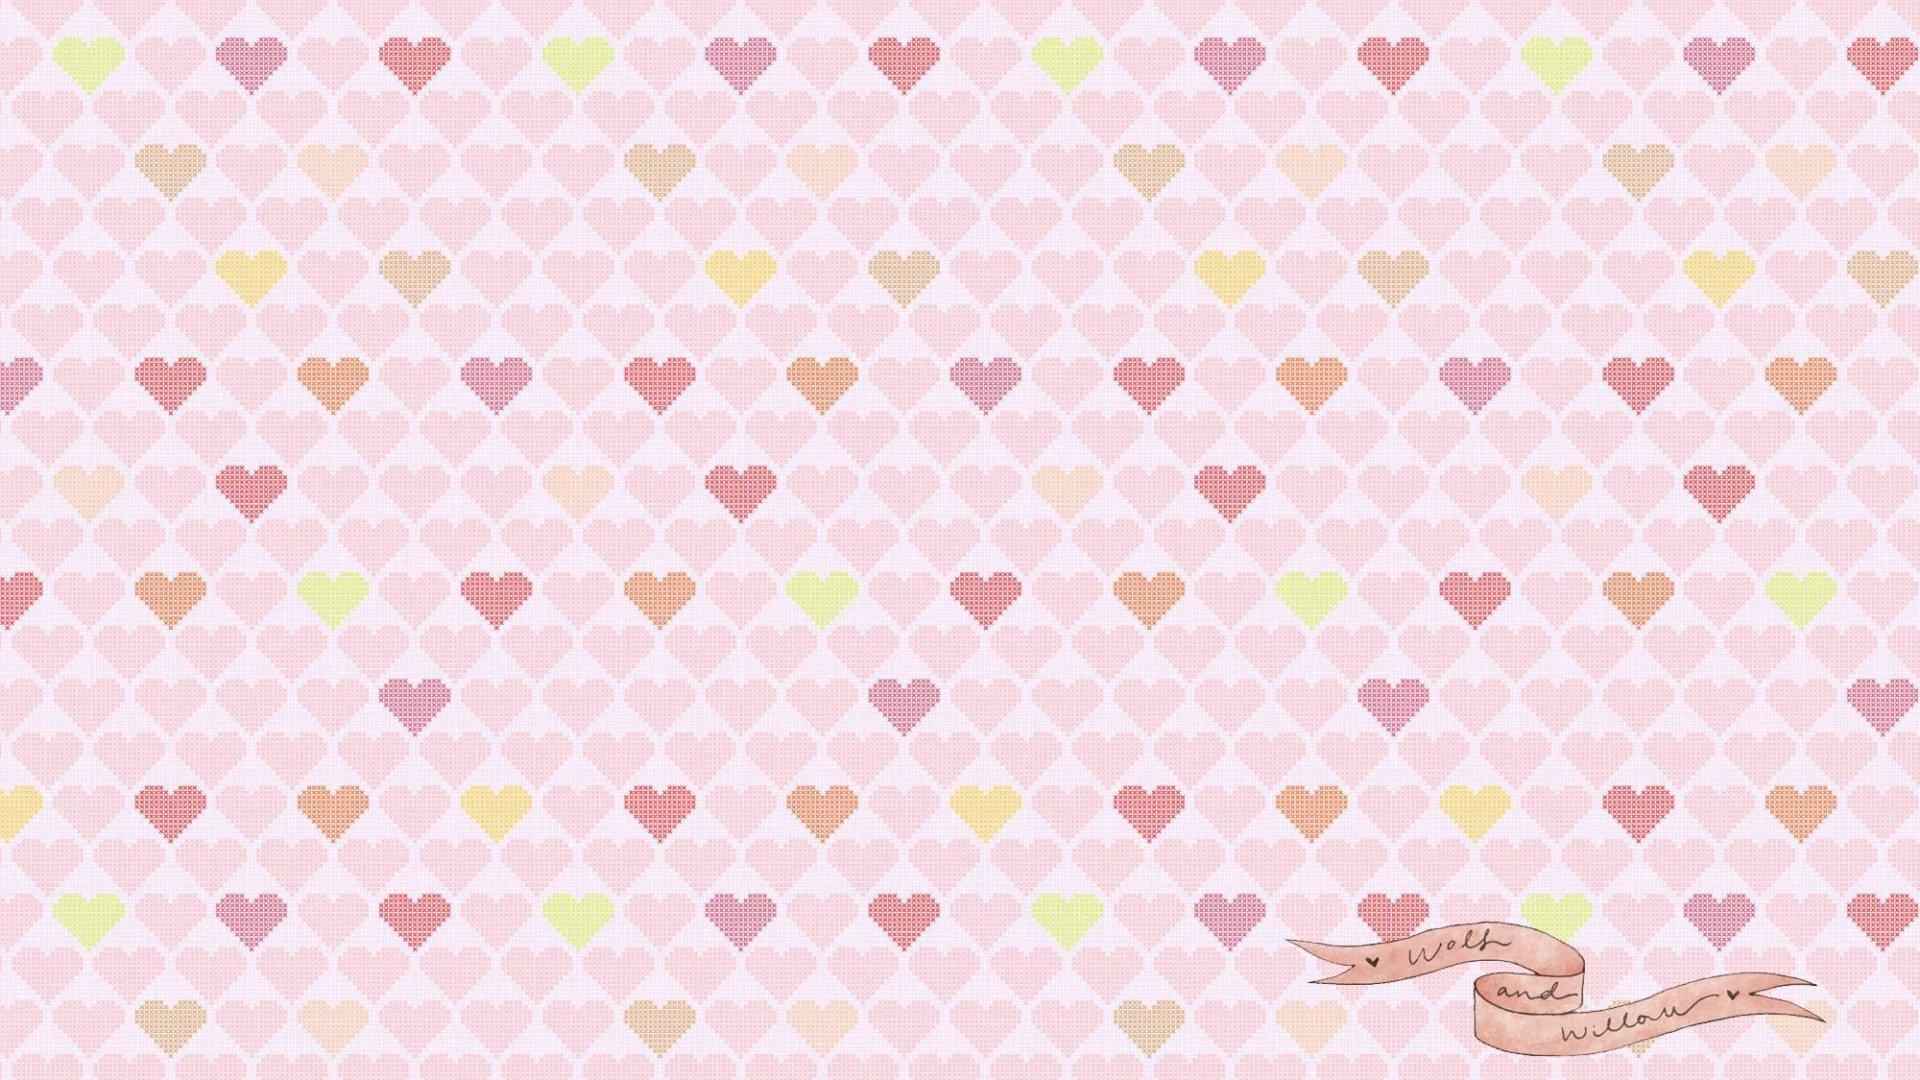 Pastel Kawaii Wallpaper Free Download